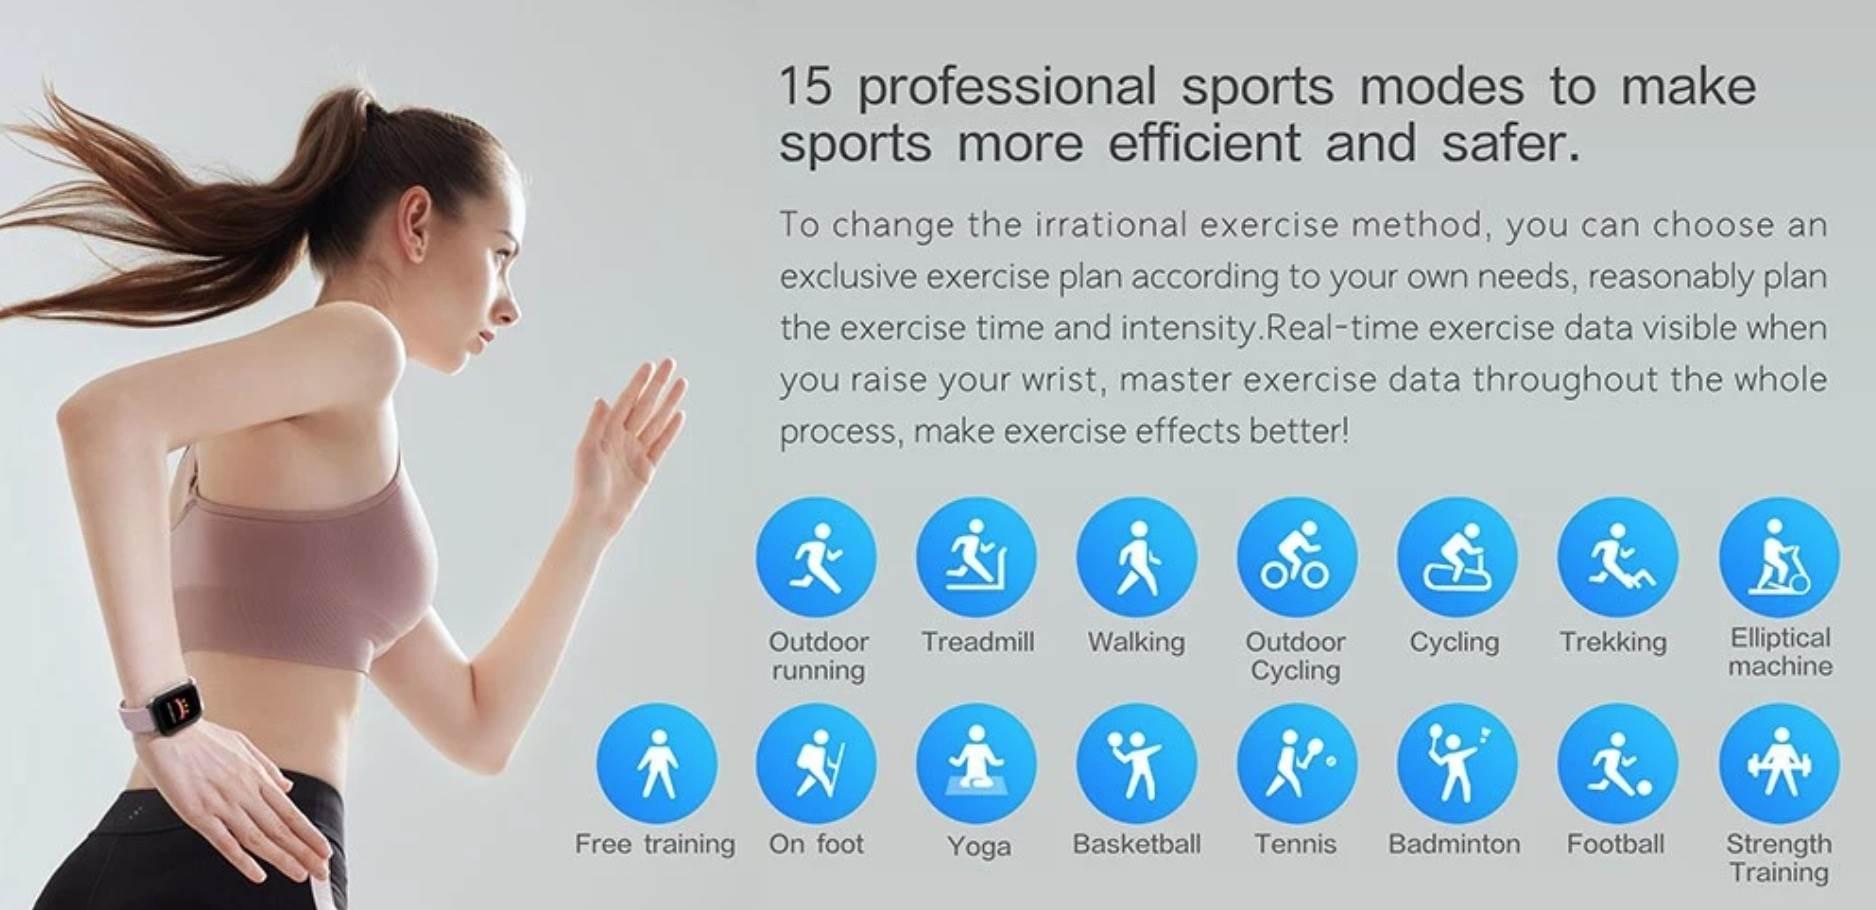 Mibro - tani, sportowy smartwatch z 15 trybami sportowymi ciekawostki tani smartwatch, smartwatch w niskiej cenie, promcja, Mibro XPAW002, dobry i tani smartwatch  Szukacie fajnego i taniego SmartWatcha, który będzie śledzić Waszą aktywność? Jeśli tak to tamy dla Was coś bardzo fajnego - Mibro XPAW002. 1@2x 3